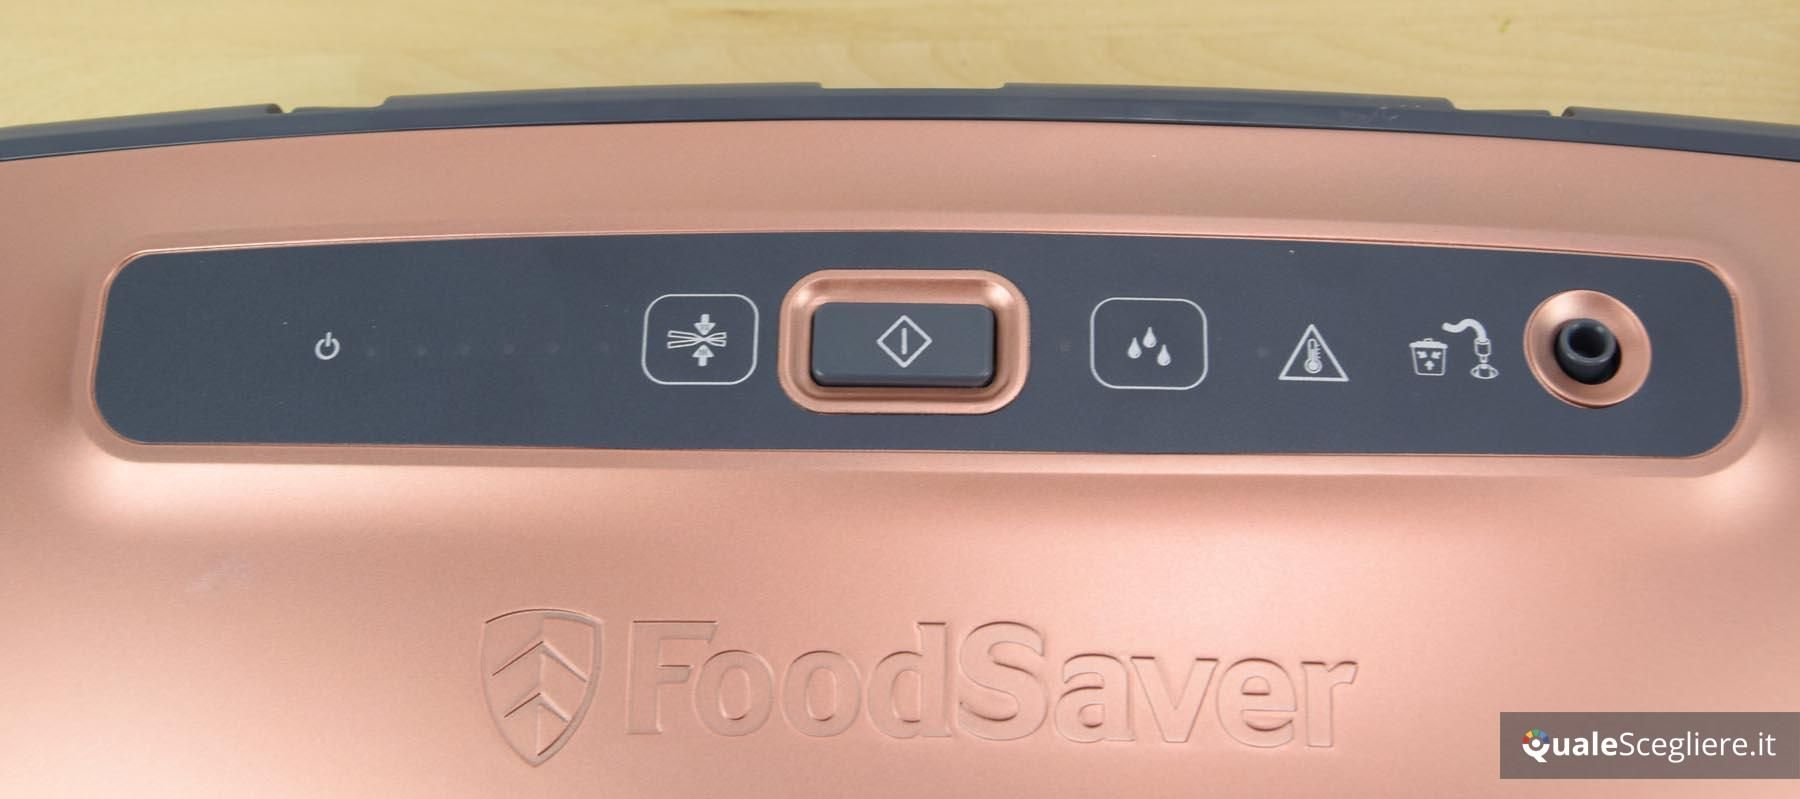 La migliore macchina sottovuoto del 2018 ecco quale - Macchine per il sottovuoto alimentare ...